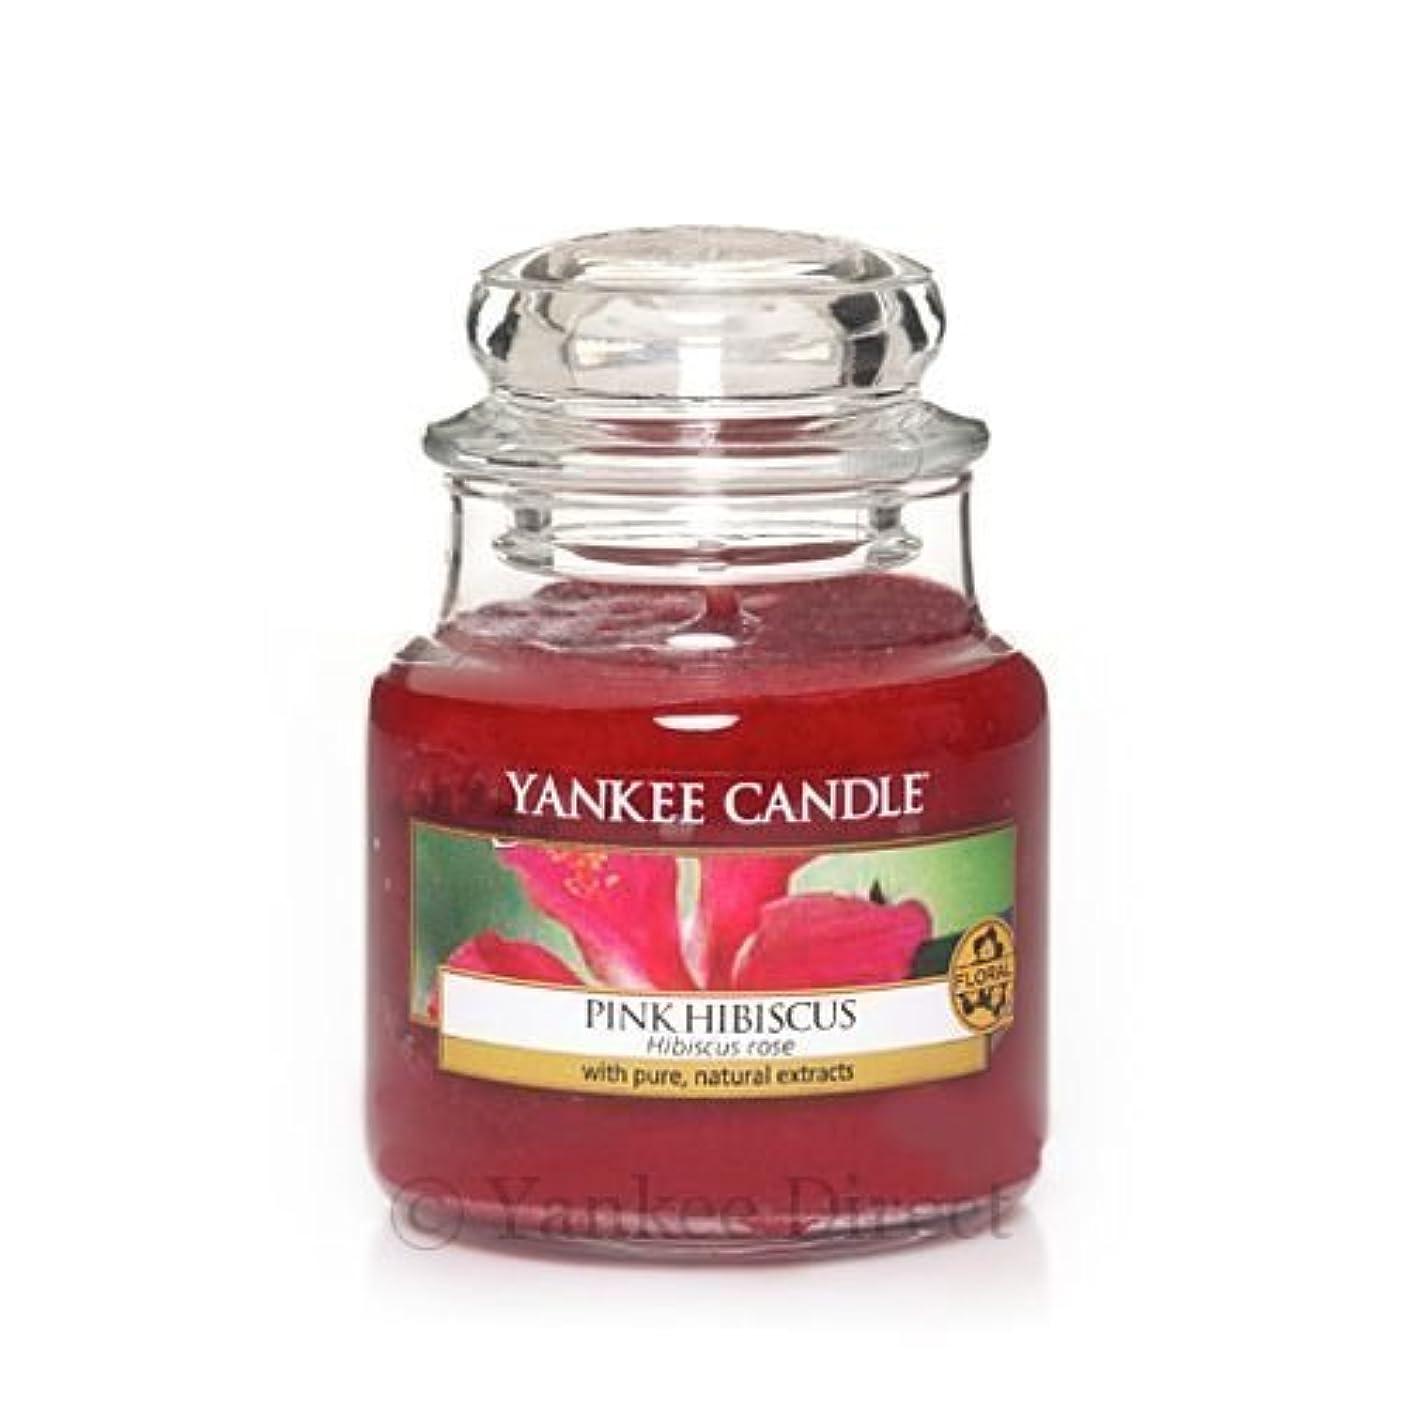 カッター情熱的市民権Yankee Candle - Pink Hibiscus Small 3.7oz Jar (NEW Scent for 2014!) by Yankee Candle [並行輸入品]